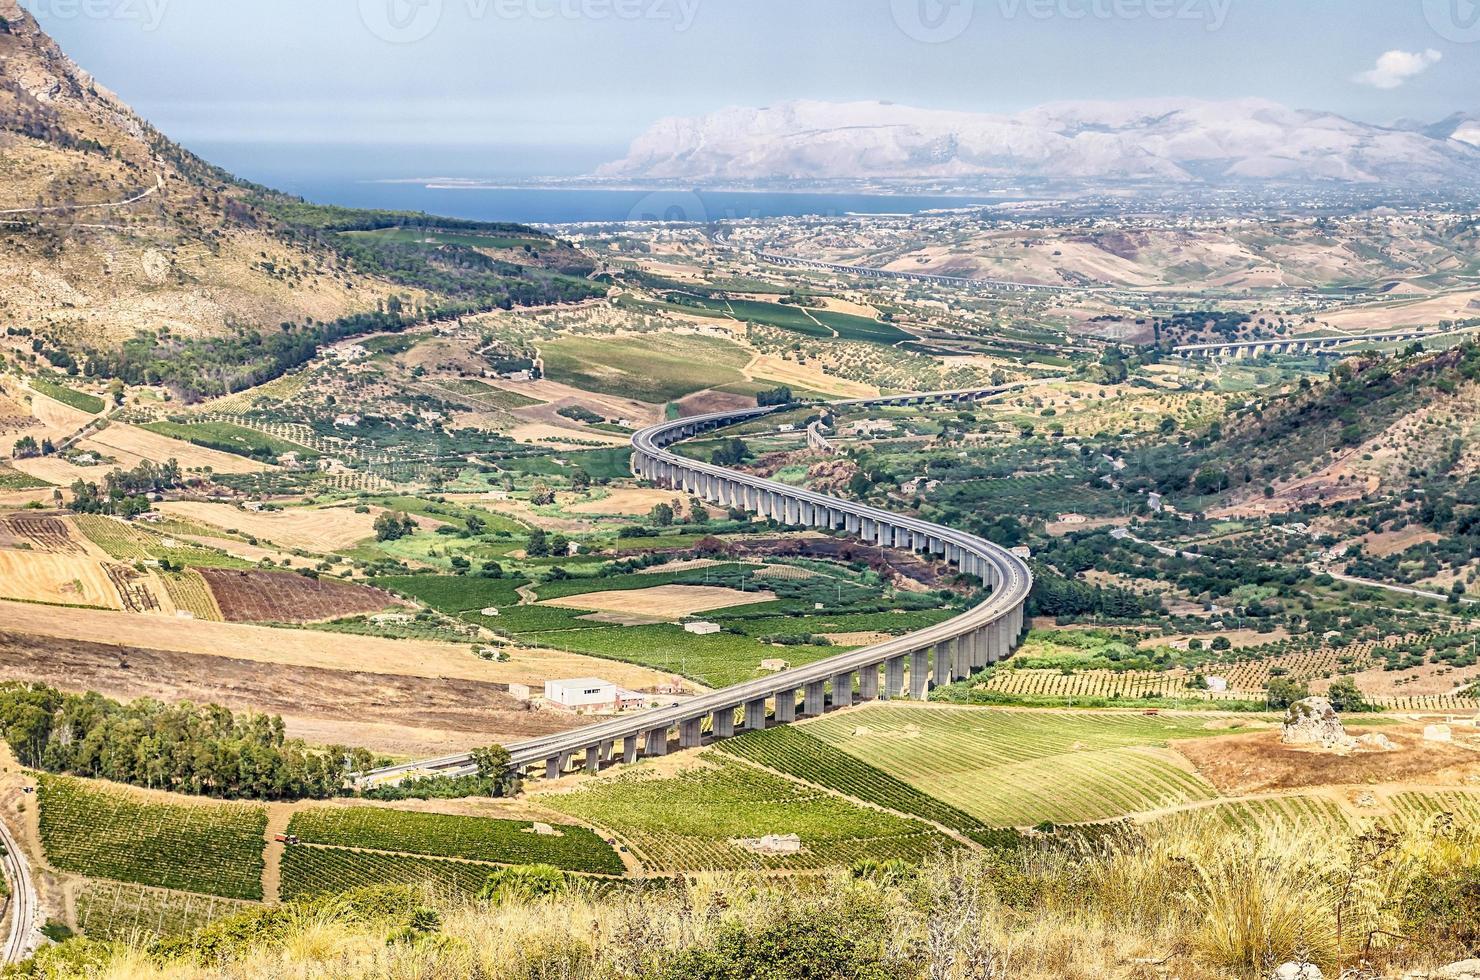 S-Kurve Autobahnüberführung, Sizilien foto